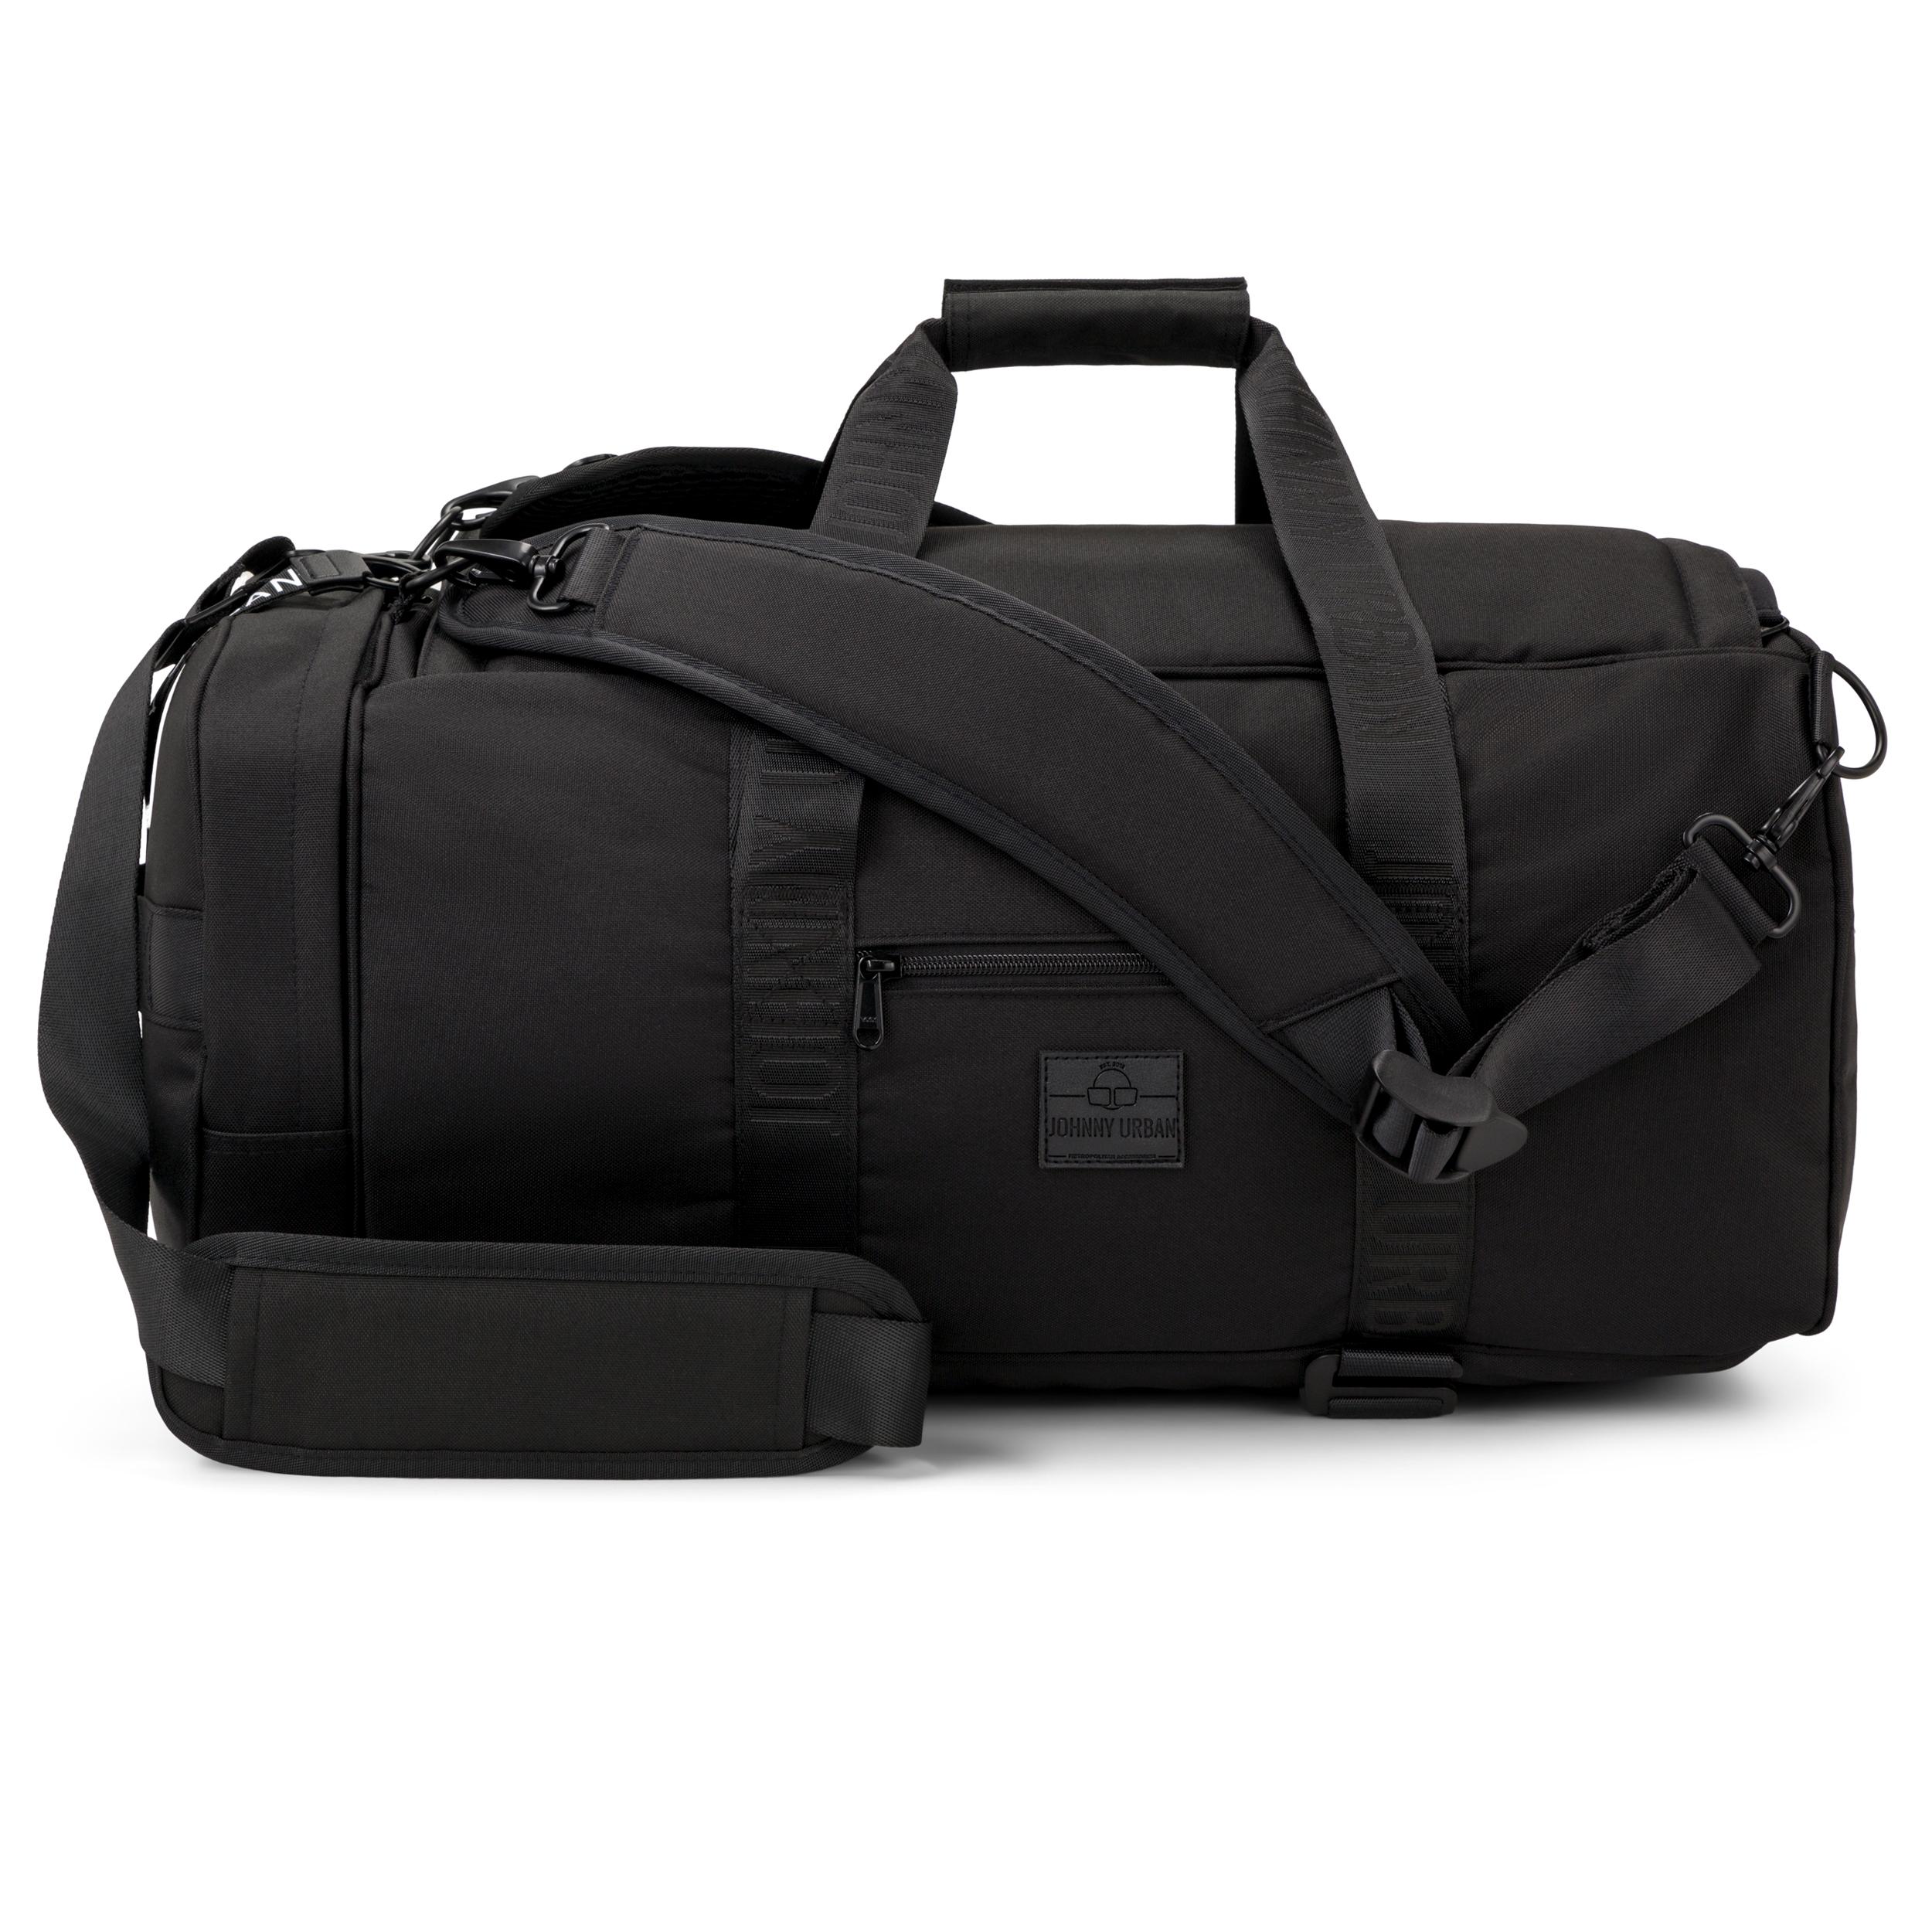 Tasche - Rucksack - Duffle Bag - Colin - schwarz - Johnny Urban